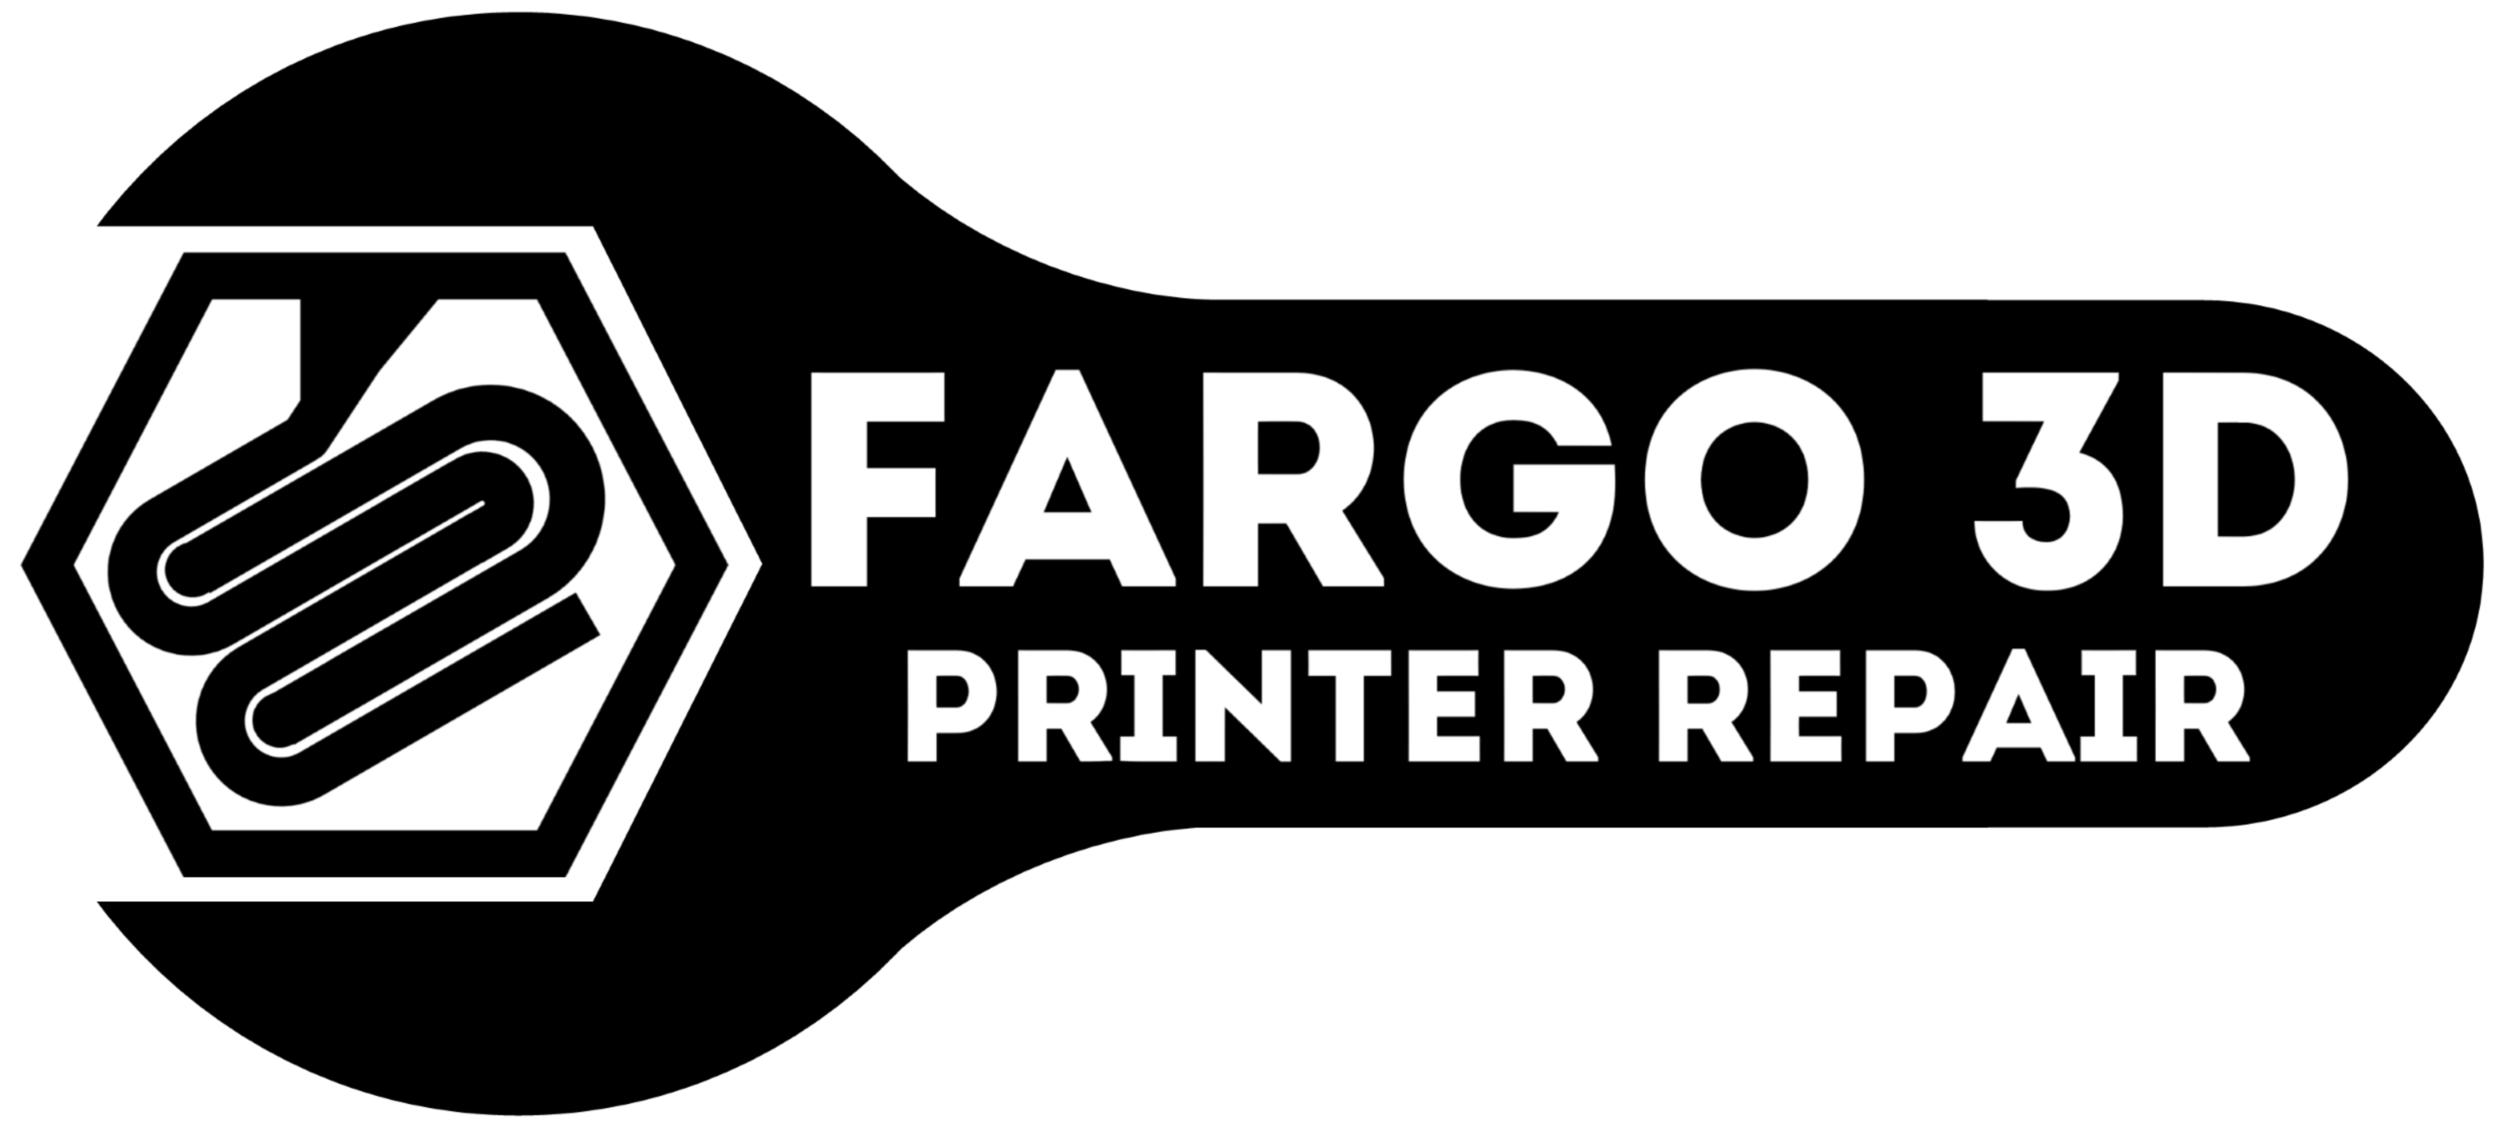 Fargo 3D Printer Repair Logo ver4.1.png